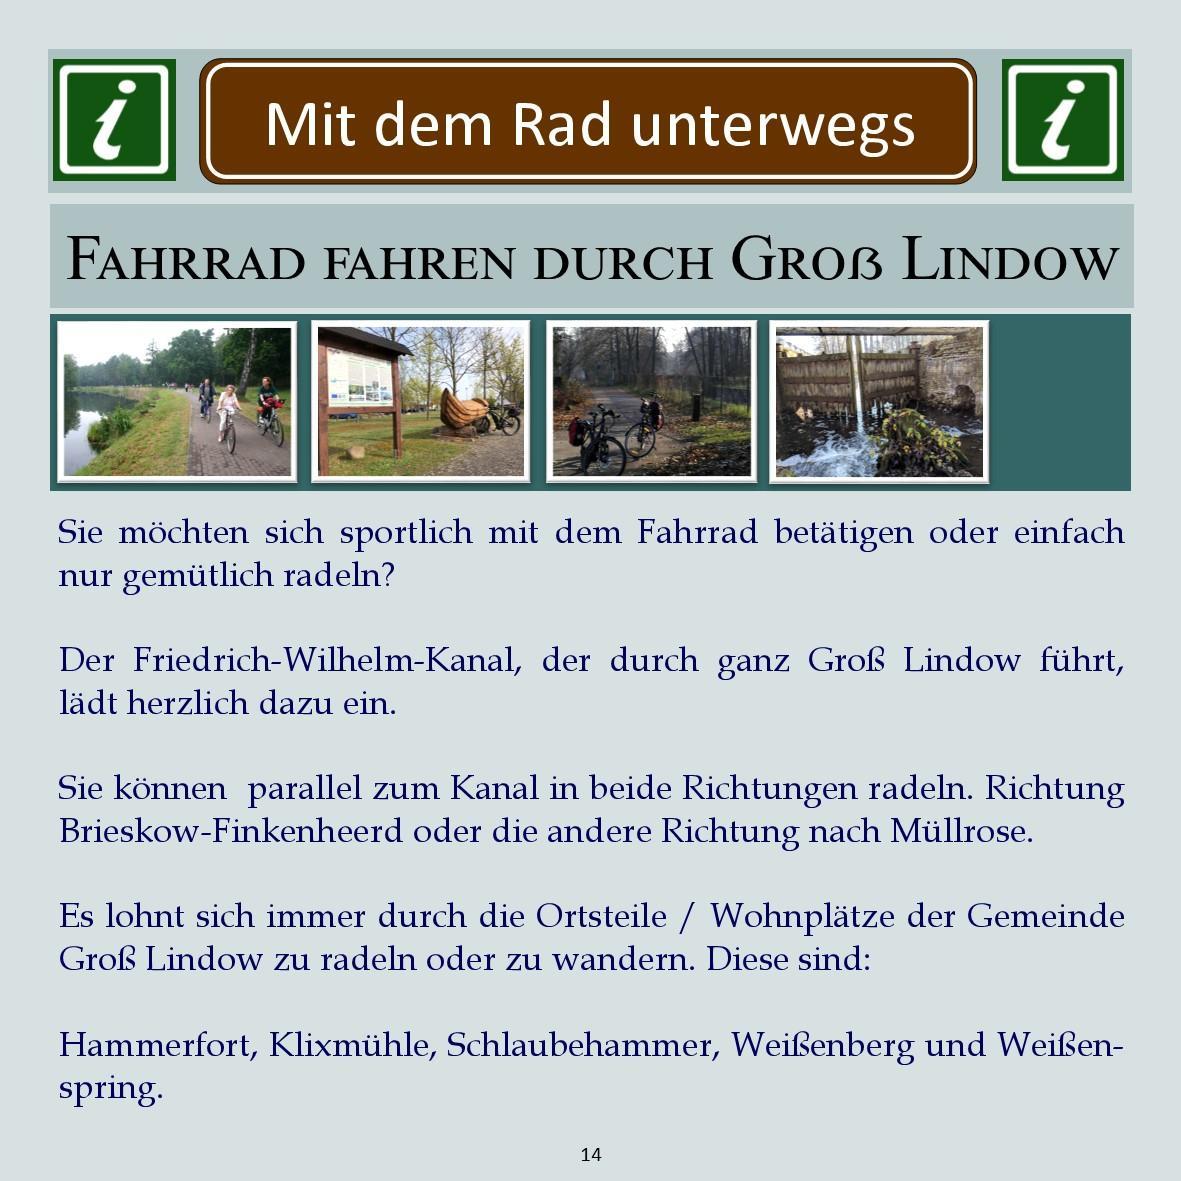 Groß Lindow Freizeitgestaltung 14